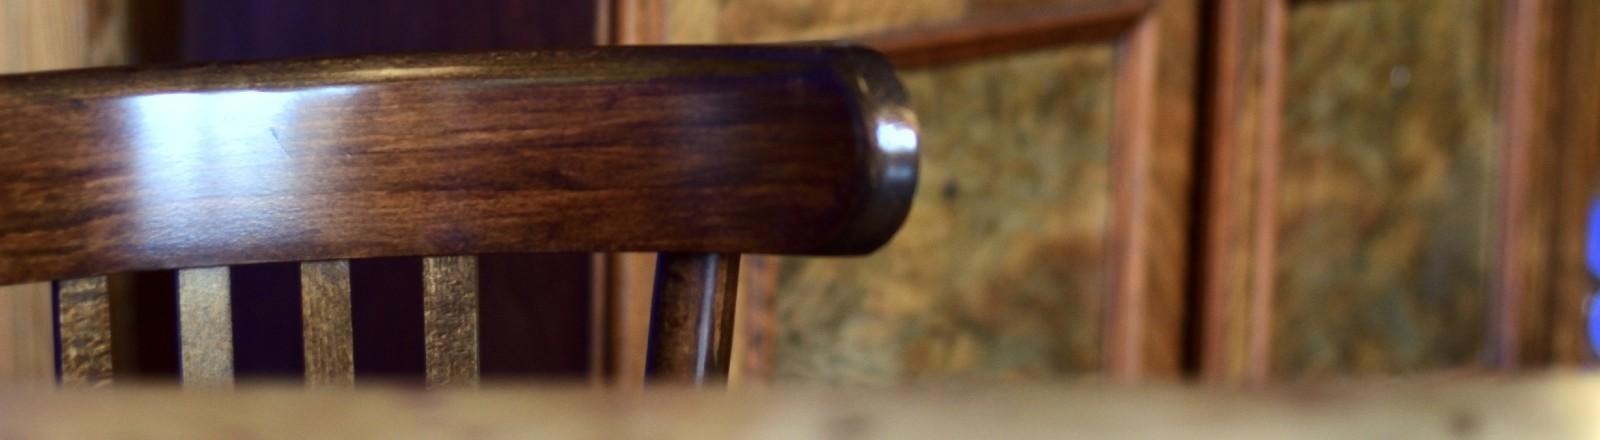 Ein leerer Holzstuhl an einem Tisch.